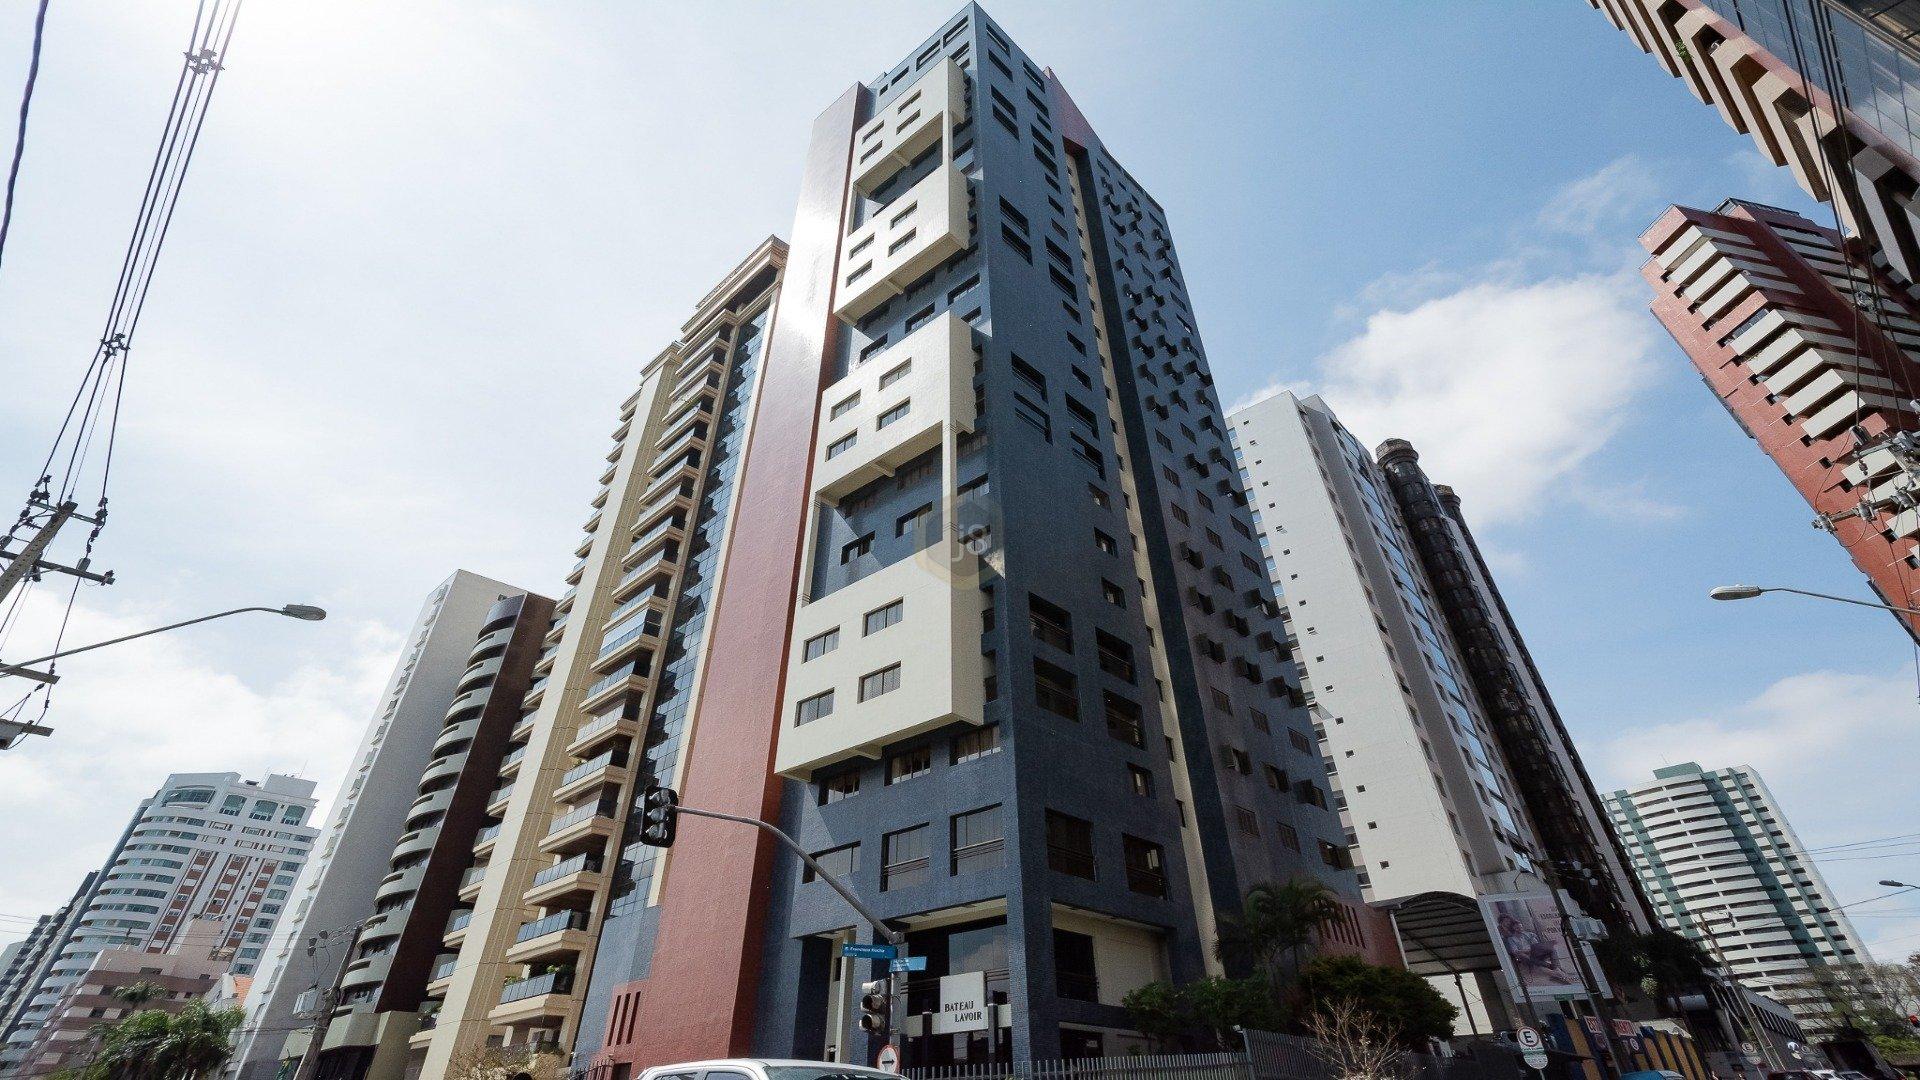 Foto de destaque Apartamento amplo em rua cobiçada de curitiba